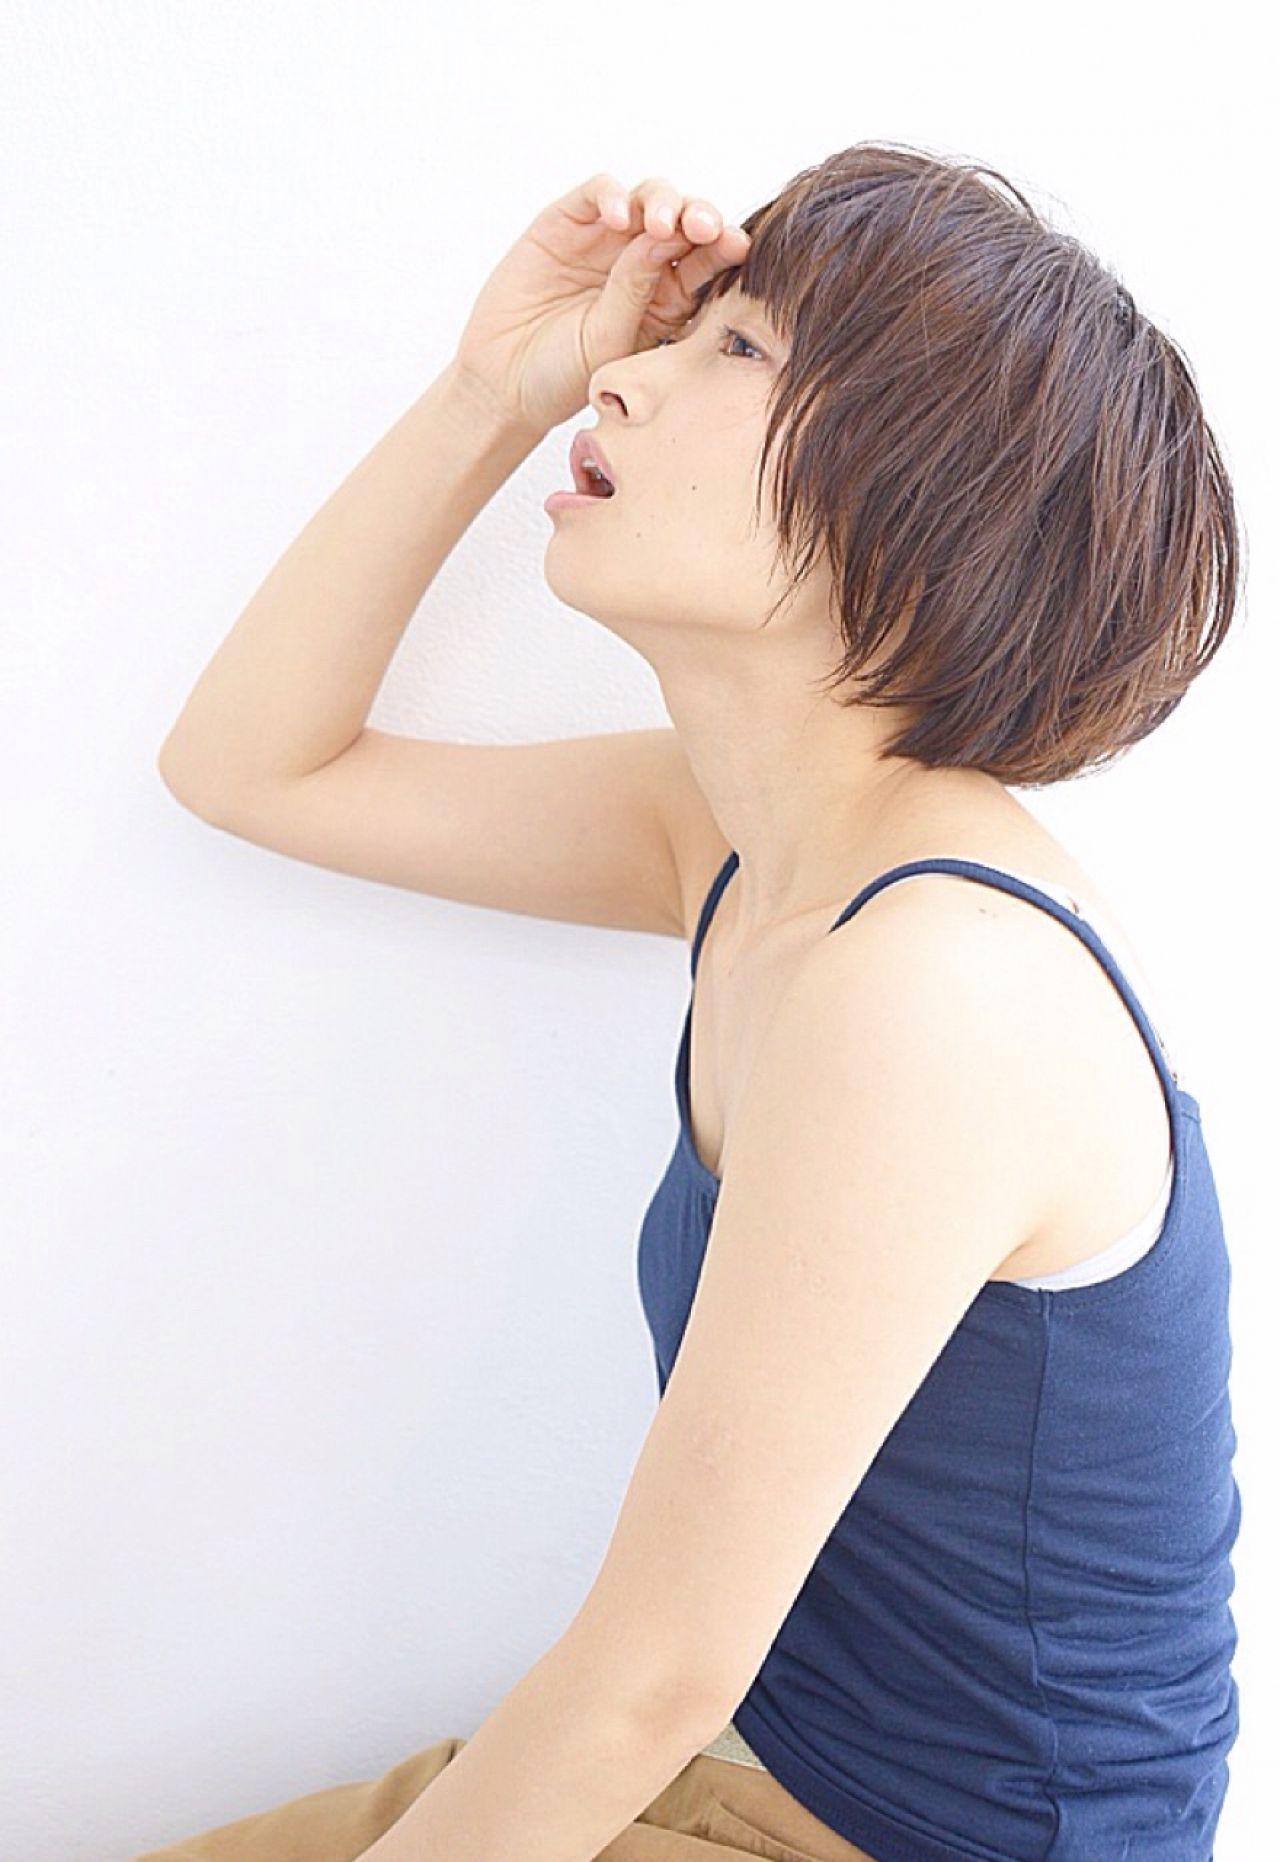 男性にキュンッとさせたい!視線独り占めのピュアな色気を出す方法。 yuuta inoue / vicca